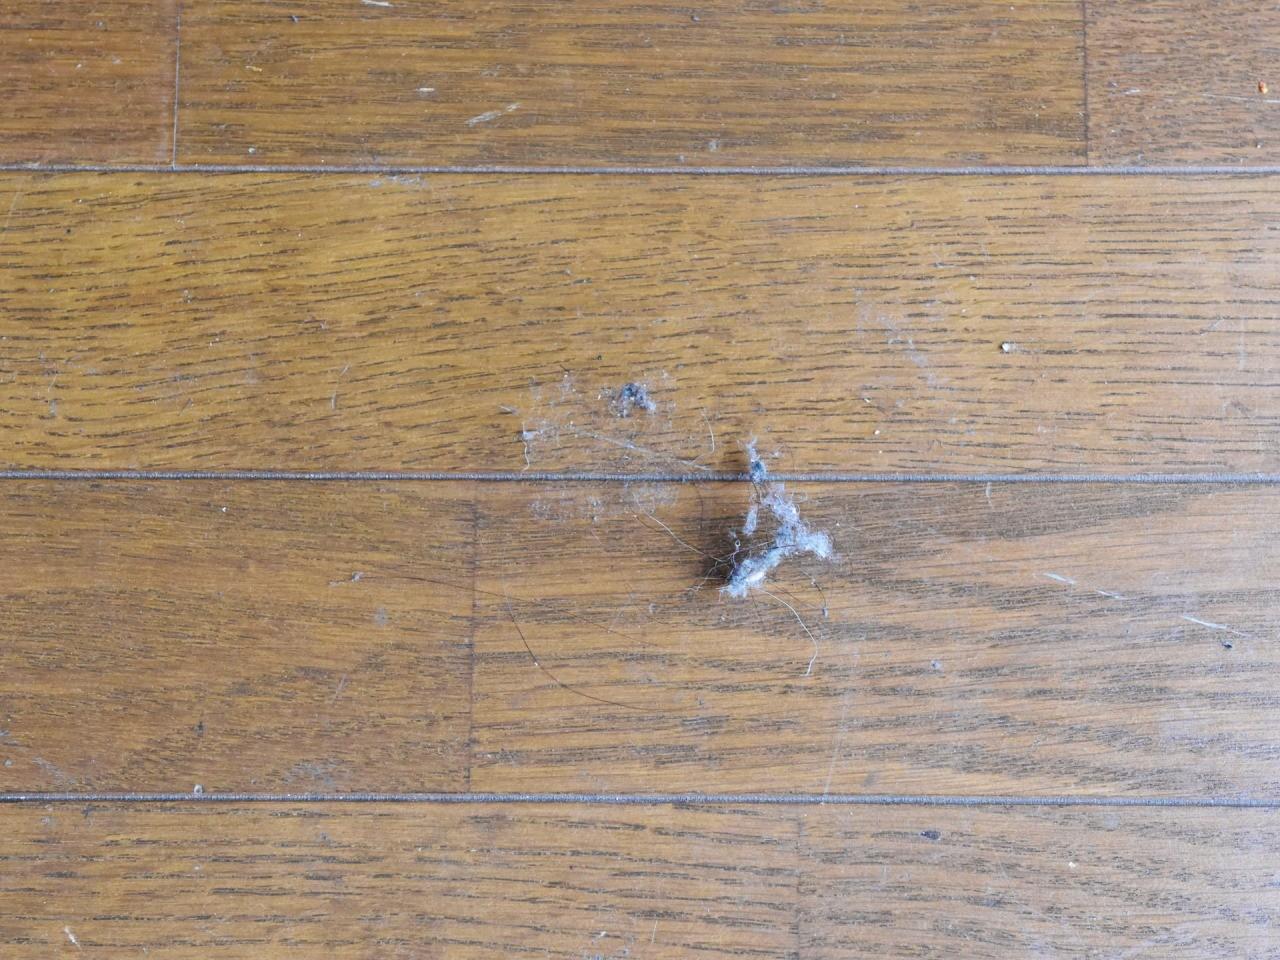 ホコリのお掃除〜便利なアイテムからホコリが溜まりにくくなる工夫までご紹介!